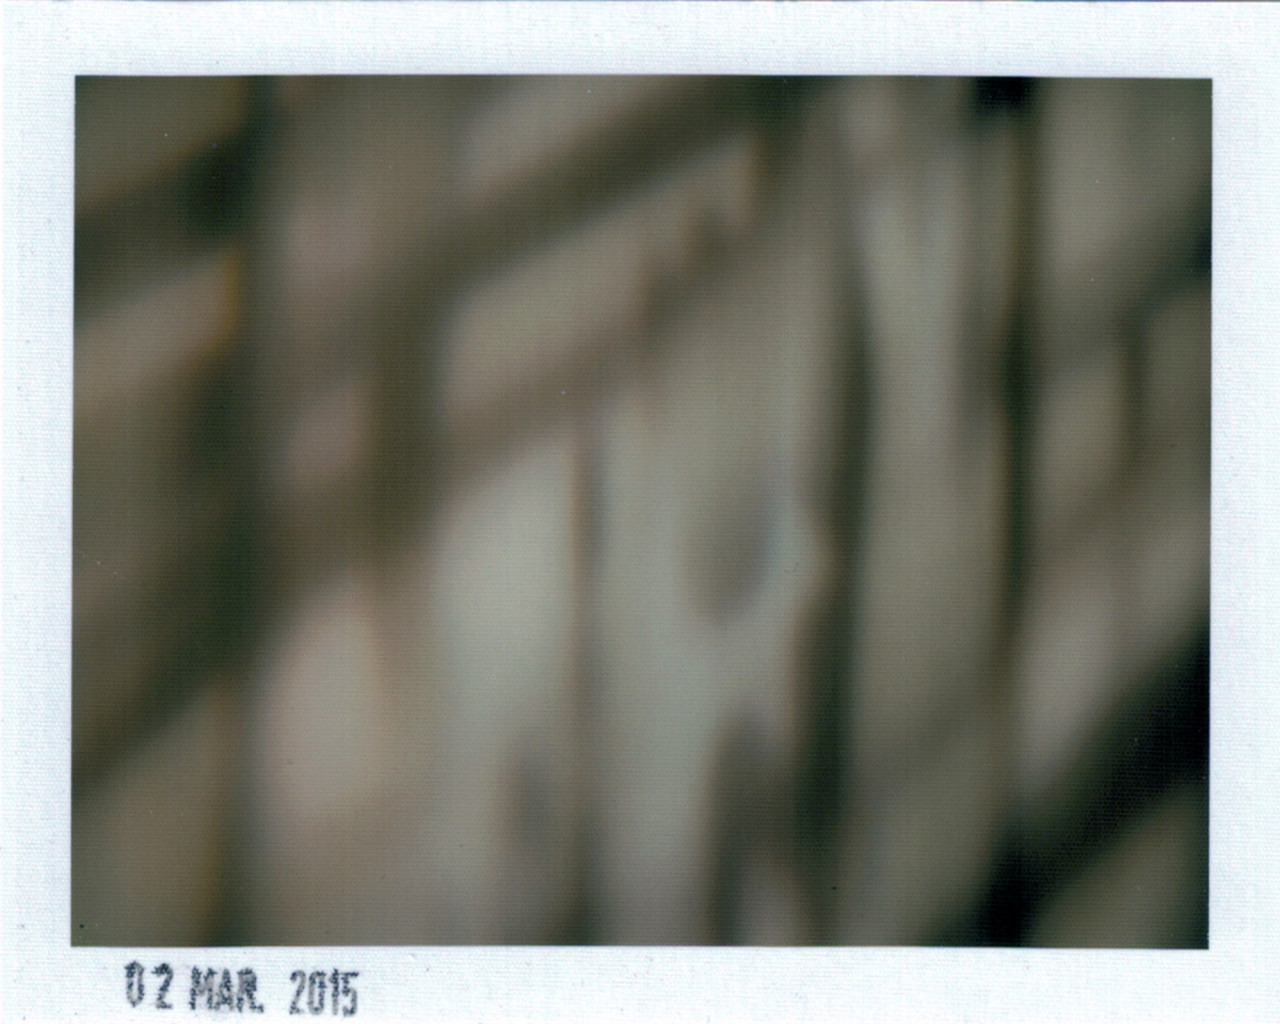 Polaroid 2